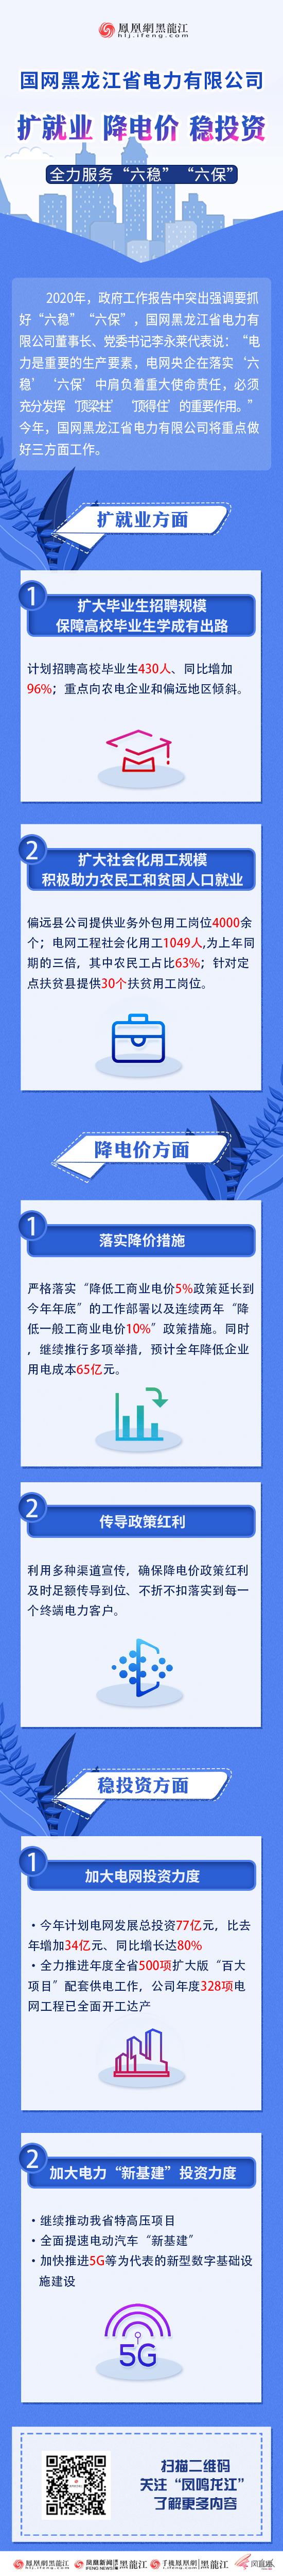 国网黑龙江省电力公司:扩就业、降电价、稳投资